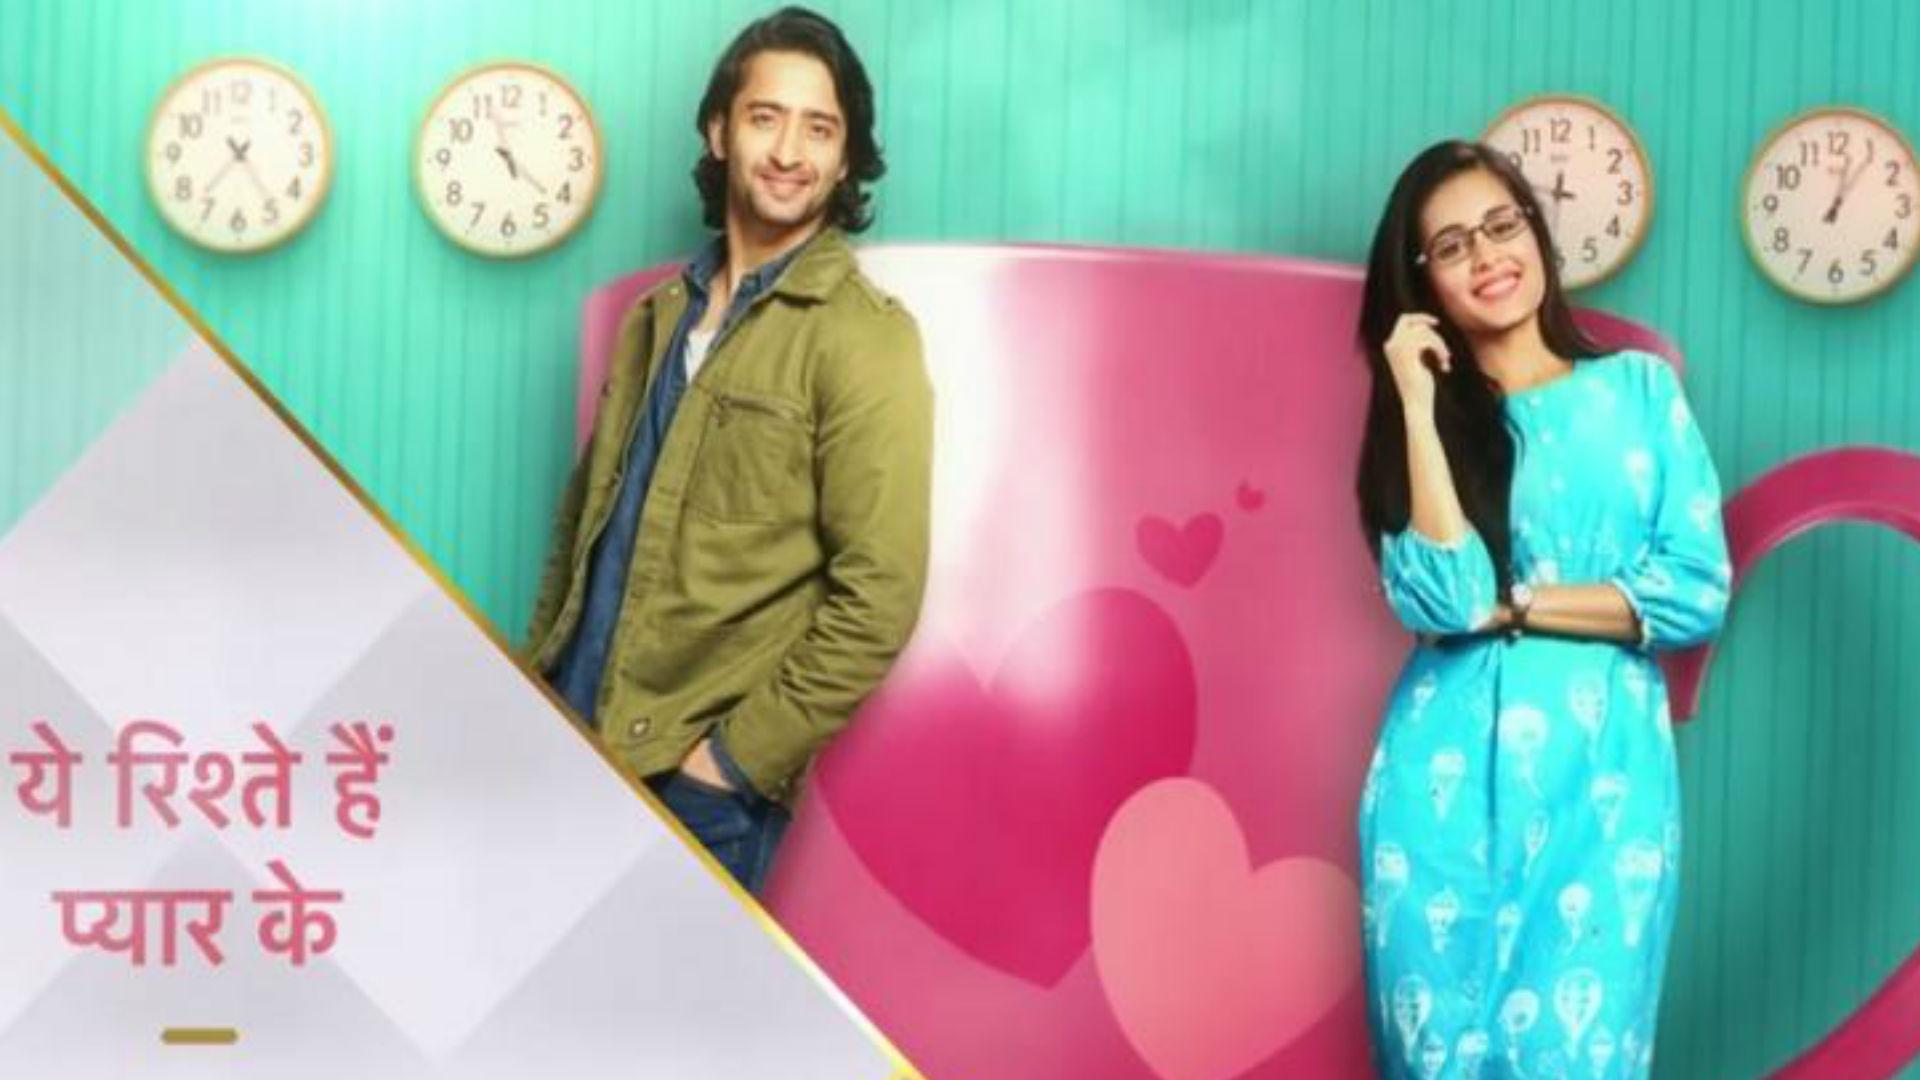 Online TRP Rating: 'ये रिश्ते हैं प्यार के' फिर बना नंबर 1, 'द कपिल शर्मा शो' टॉप 5 से बाहर